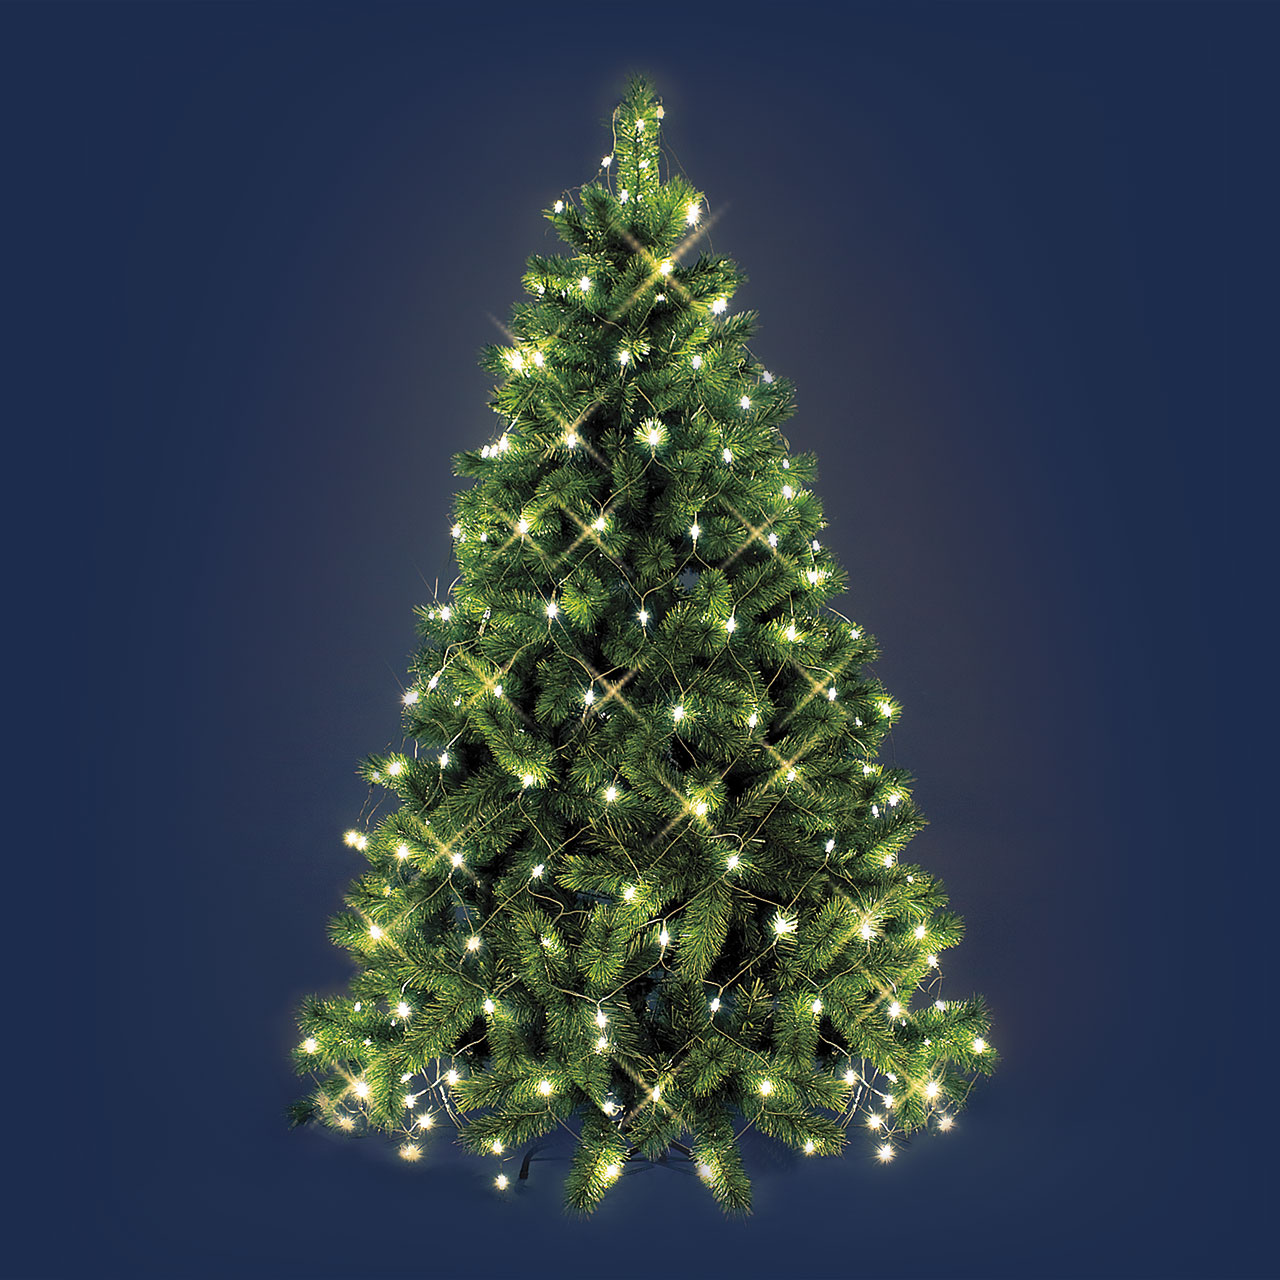 Red de luces para rbol de Navidad 38 x h 2 m 195 Led blanco